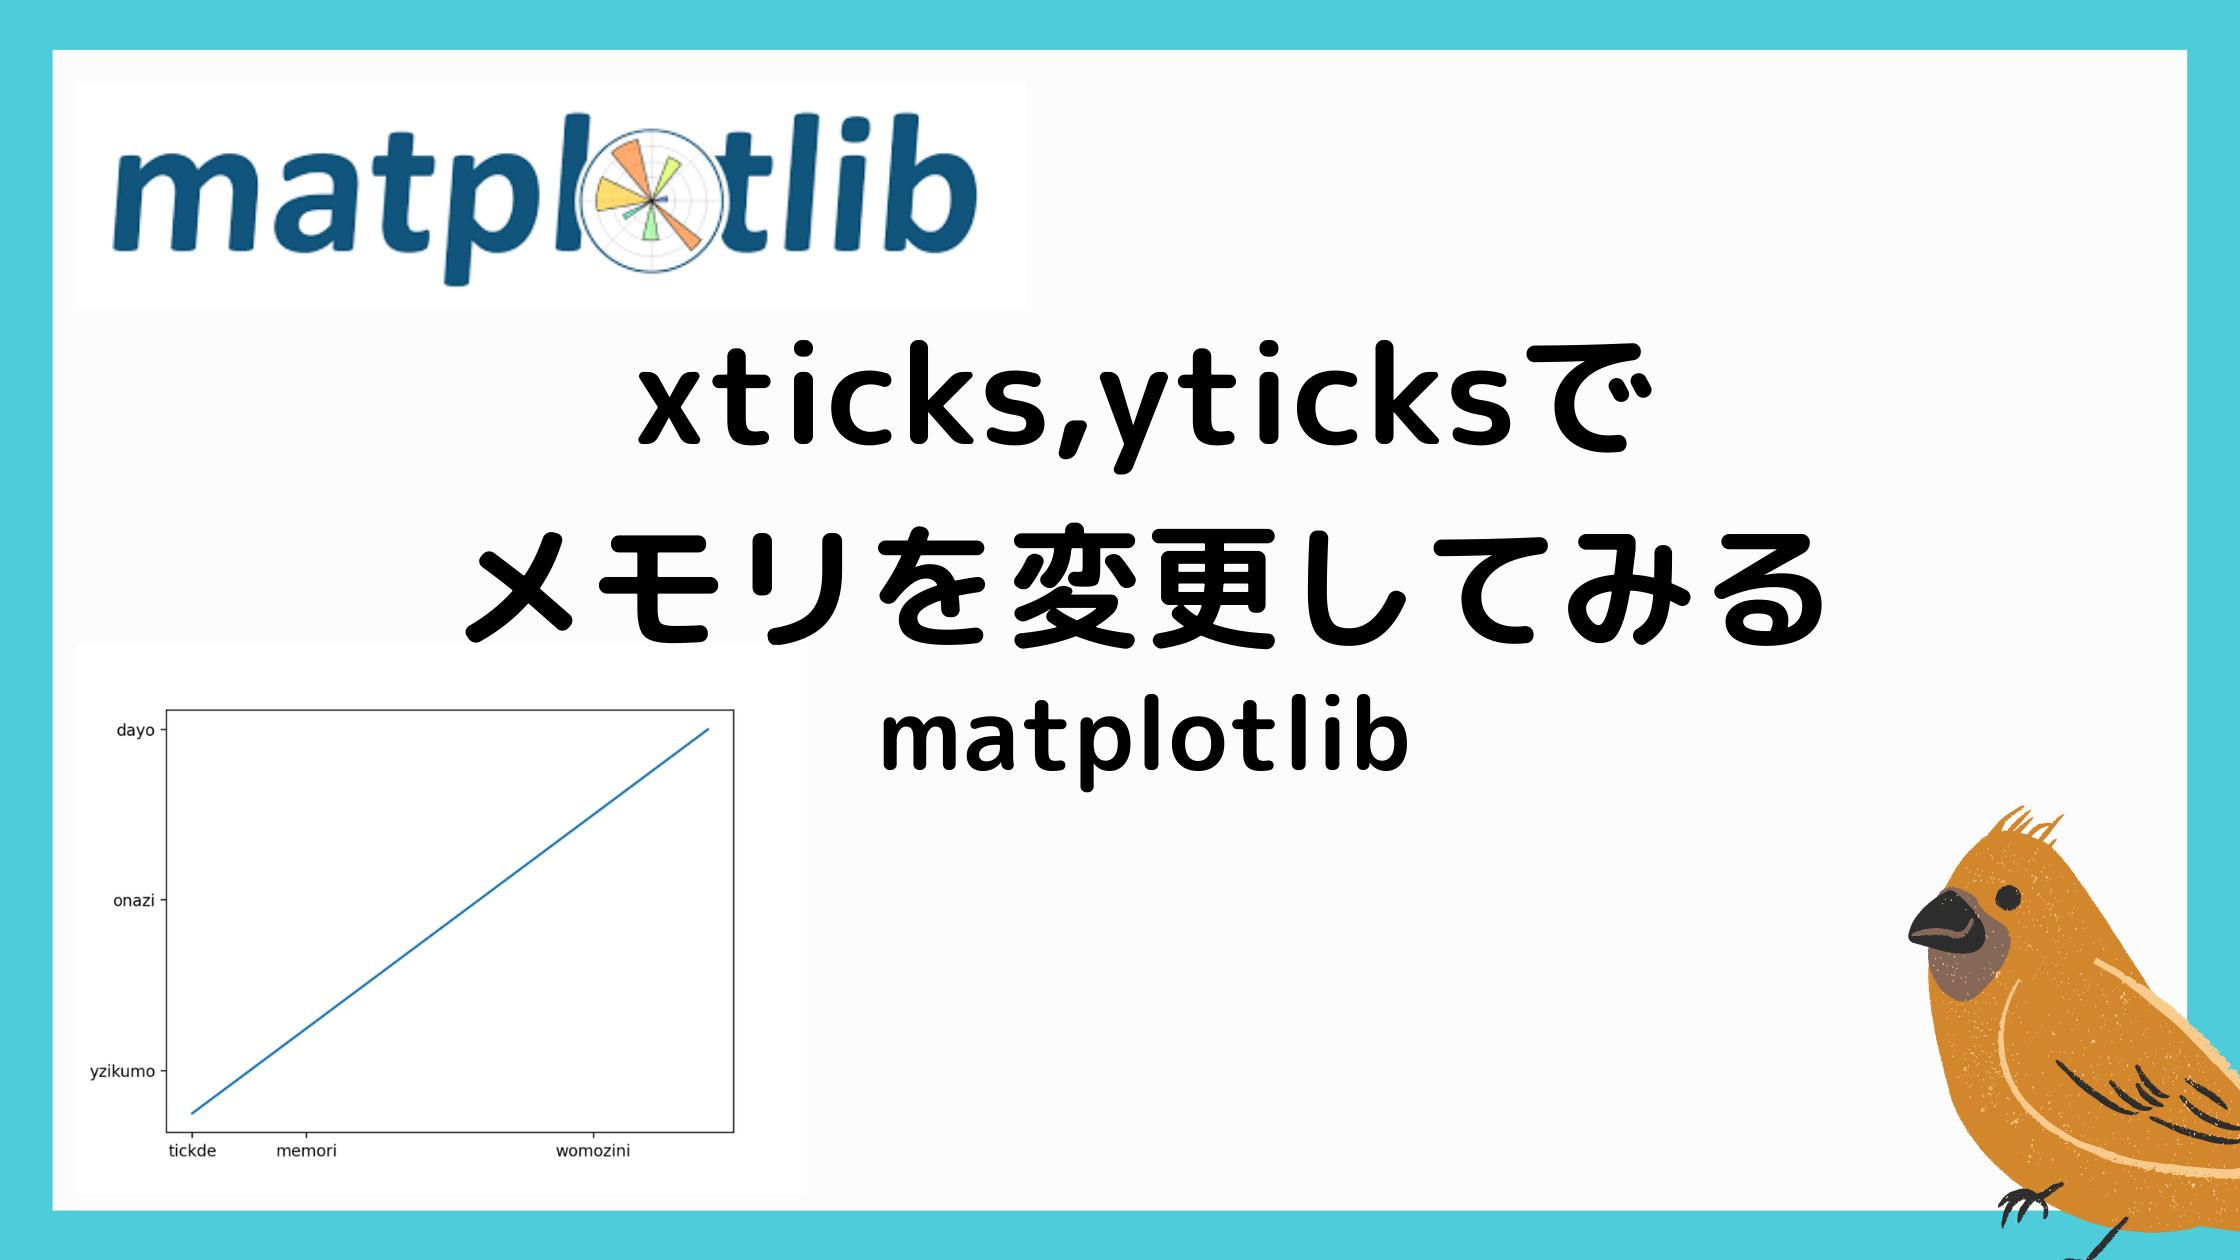 matplotlibのticksの記事のアイキャッチ